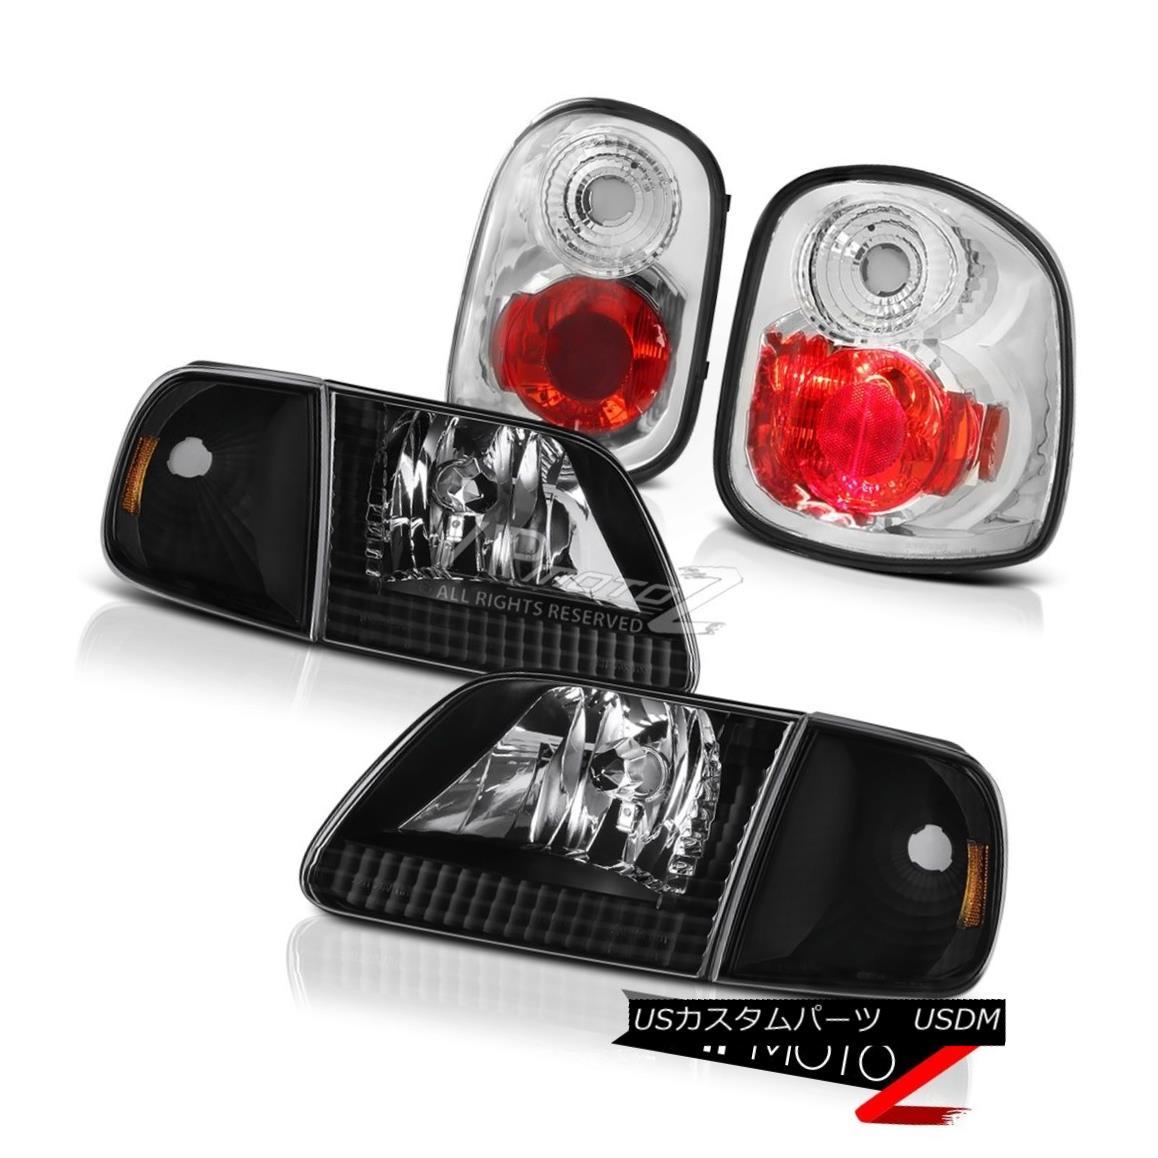 ヘッドライト L+R Corner Headlights Rear Signal Brake Lights 1997-2000 Ford F150 Flareside SVT L + Rコーナーヘッドライトリアシグナルブレーキライト1997-2000 Ford F150 Flareside SVT